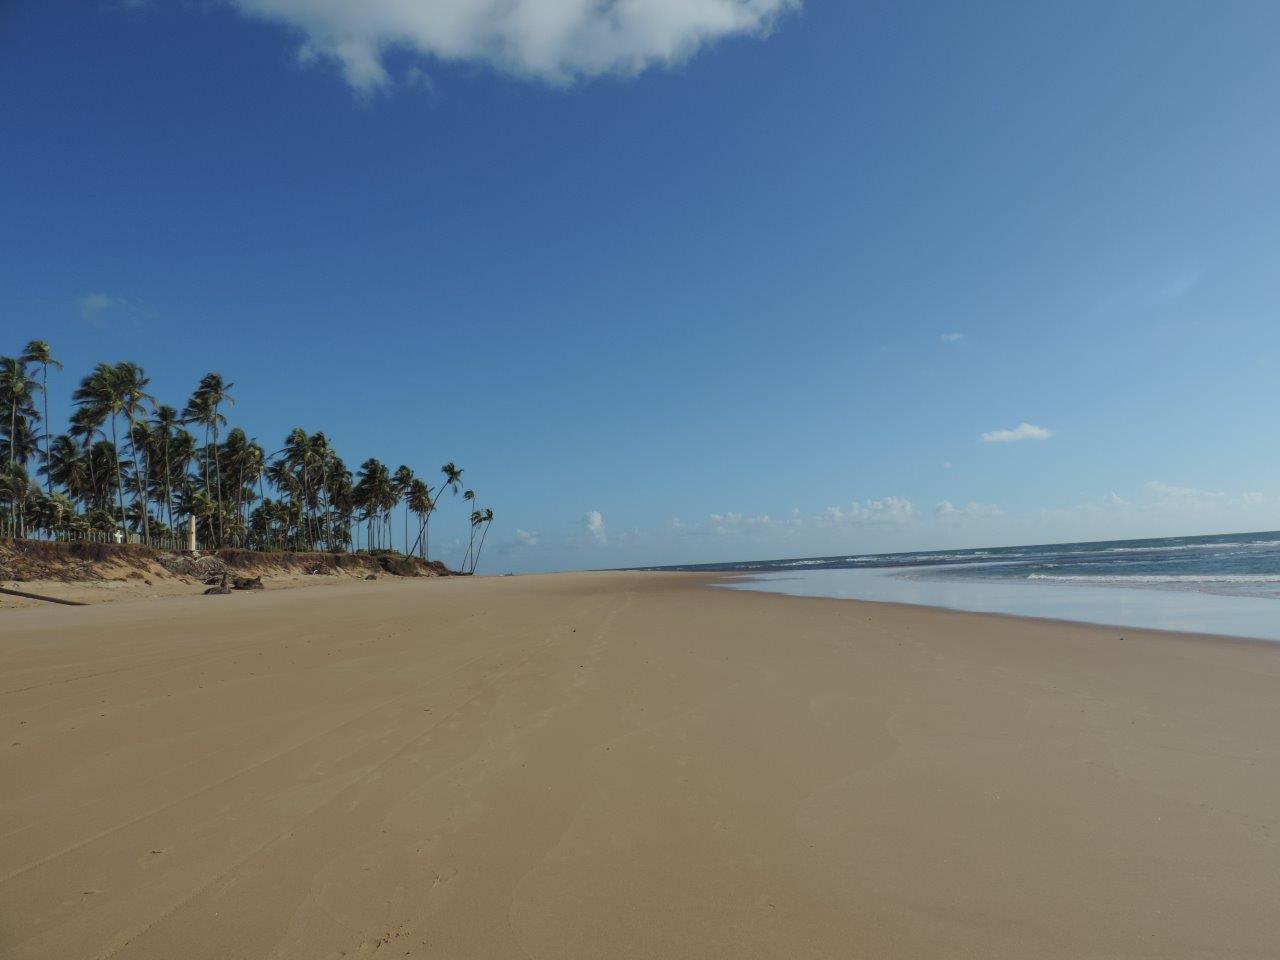 Dicas de viagem de feriado - Península de Maraú